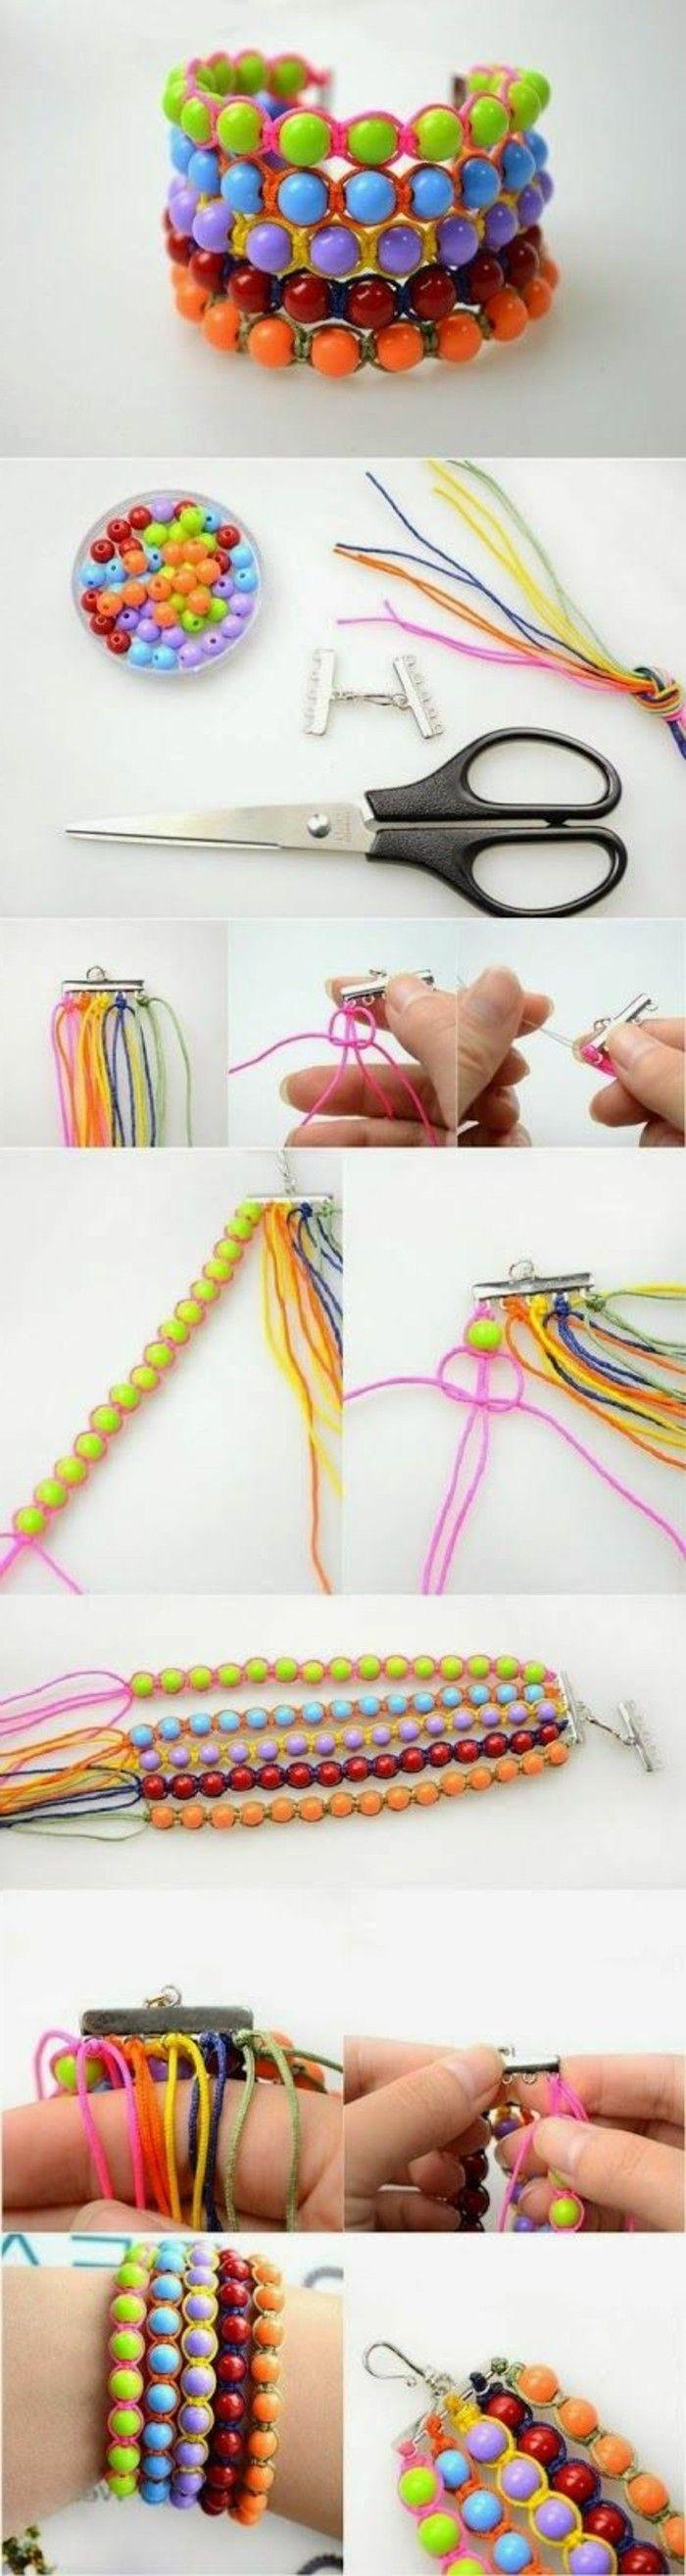 M s de 25 ideas incre bles sobre petit cailloux en - Cailloux decoratifs ...